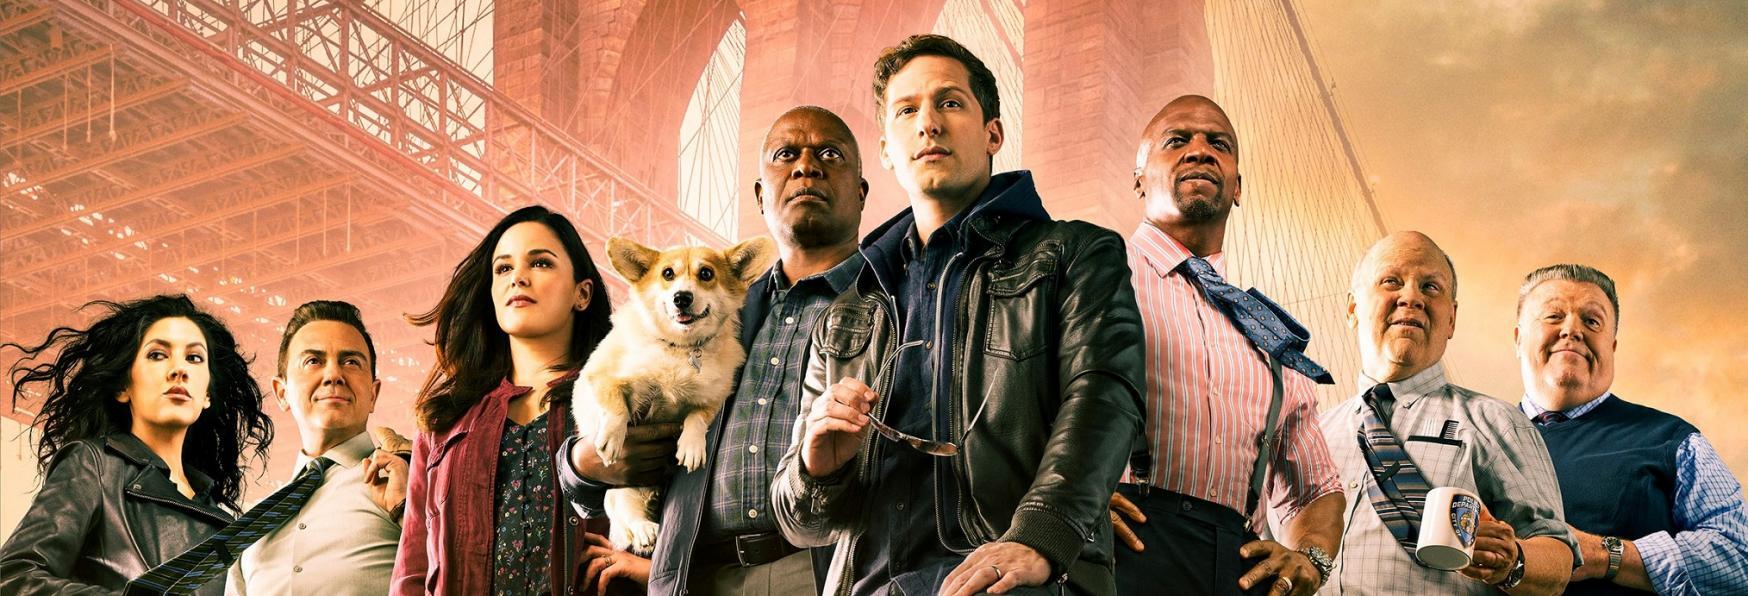 Brooklyn Nine-Nine 8: Trama, Cast, Trailer, Data di Uscita, Anticipazioni e tutte le Informazioni Note sulla Stagione Finale